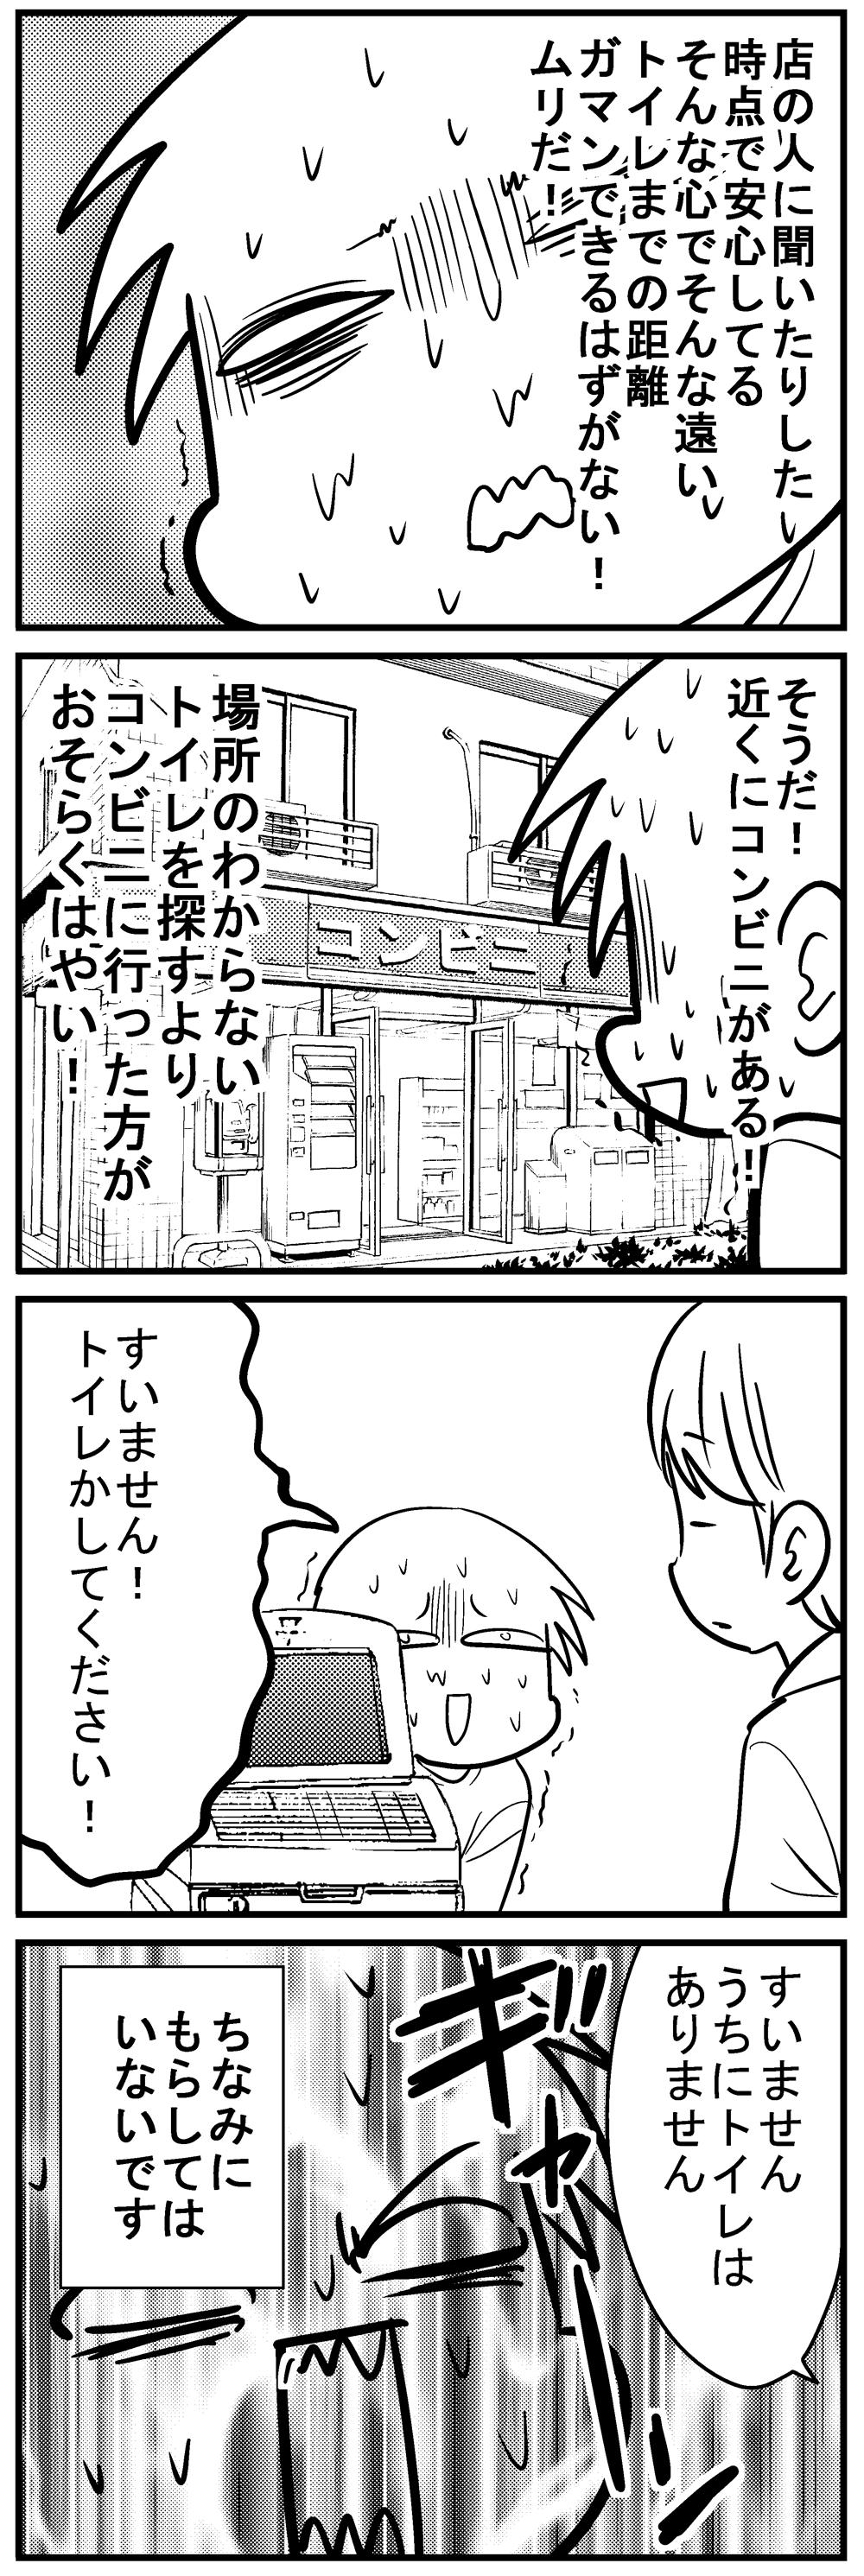 深読みくん80-2